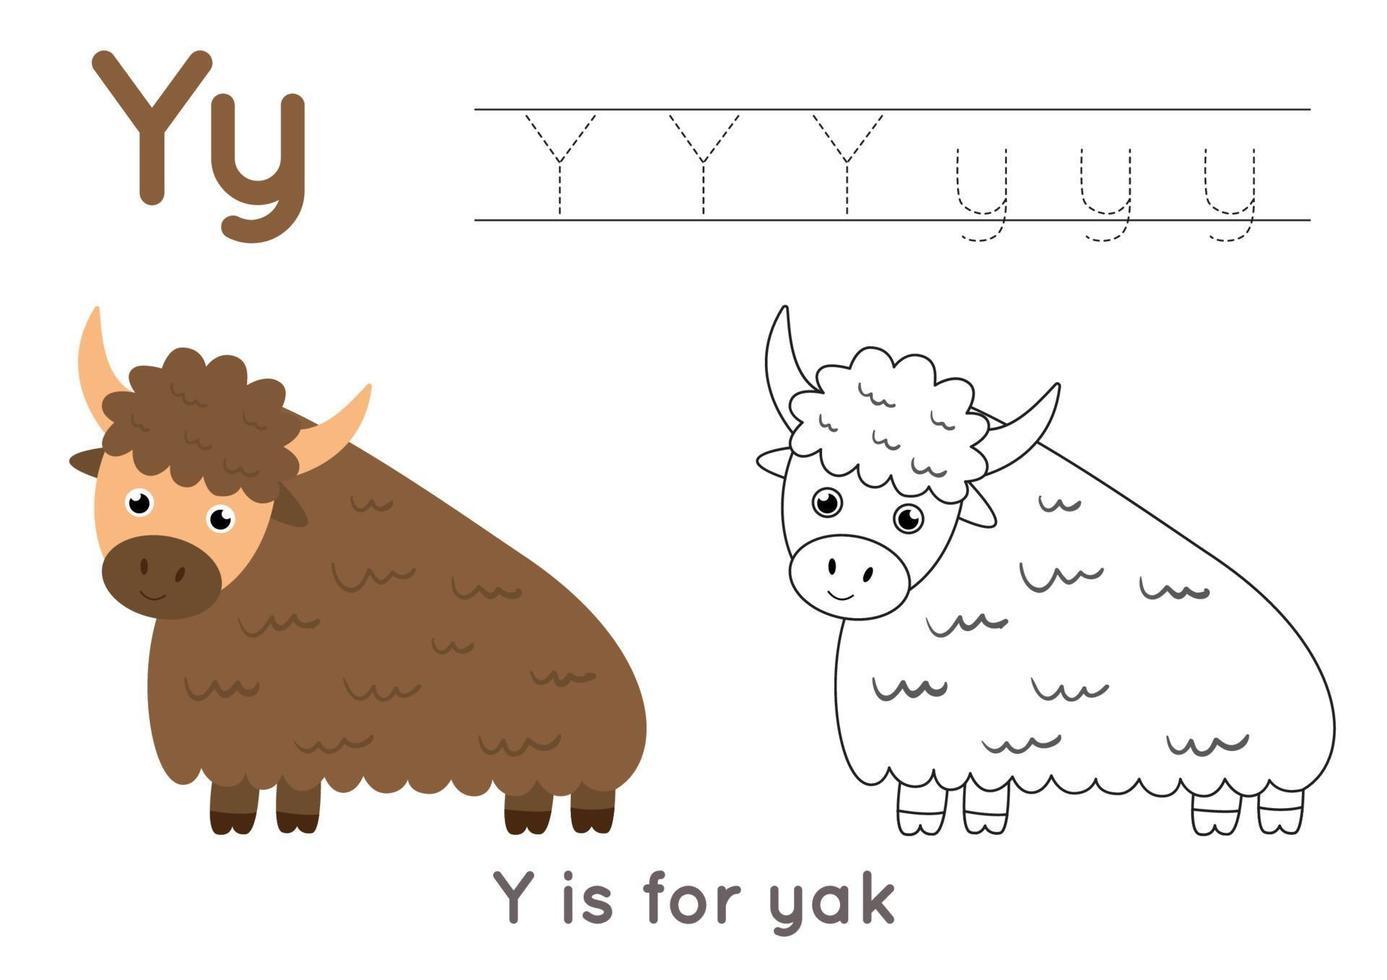 pagina da colorare con la lettera y e yak simpatico cartone animato. vettore